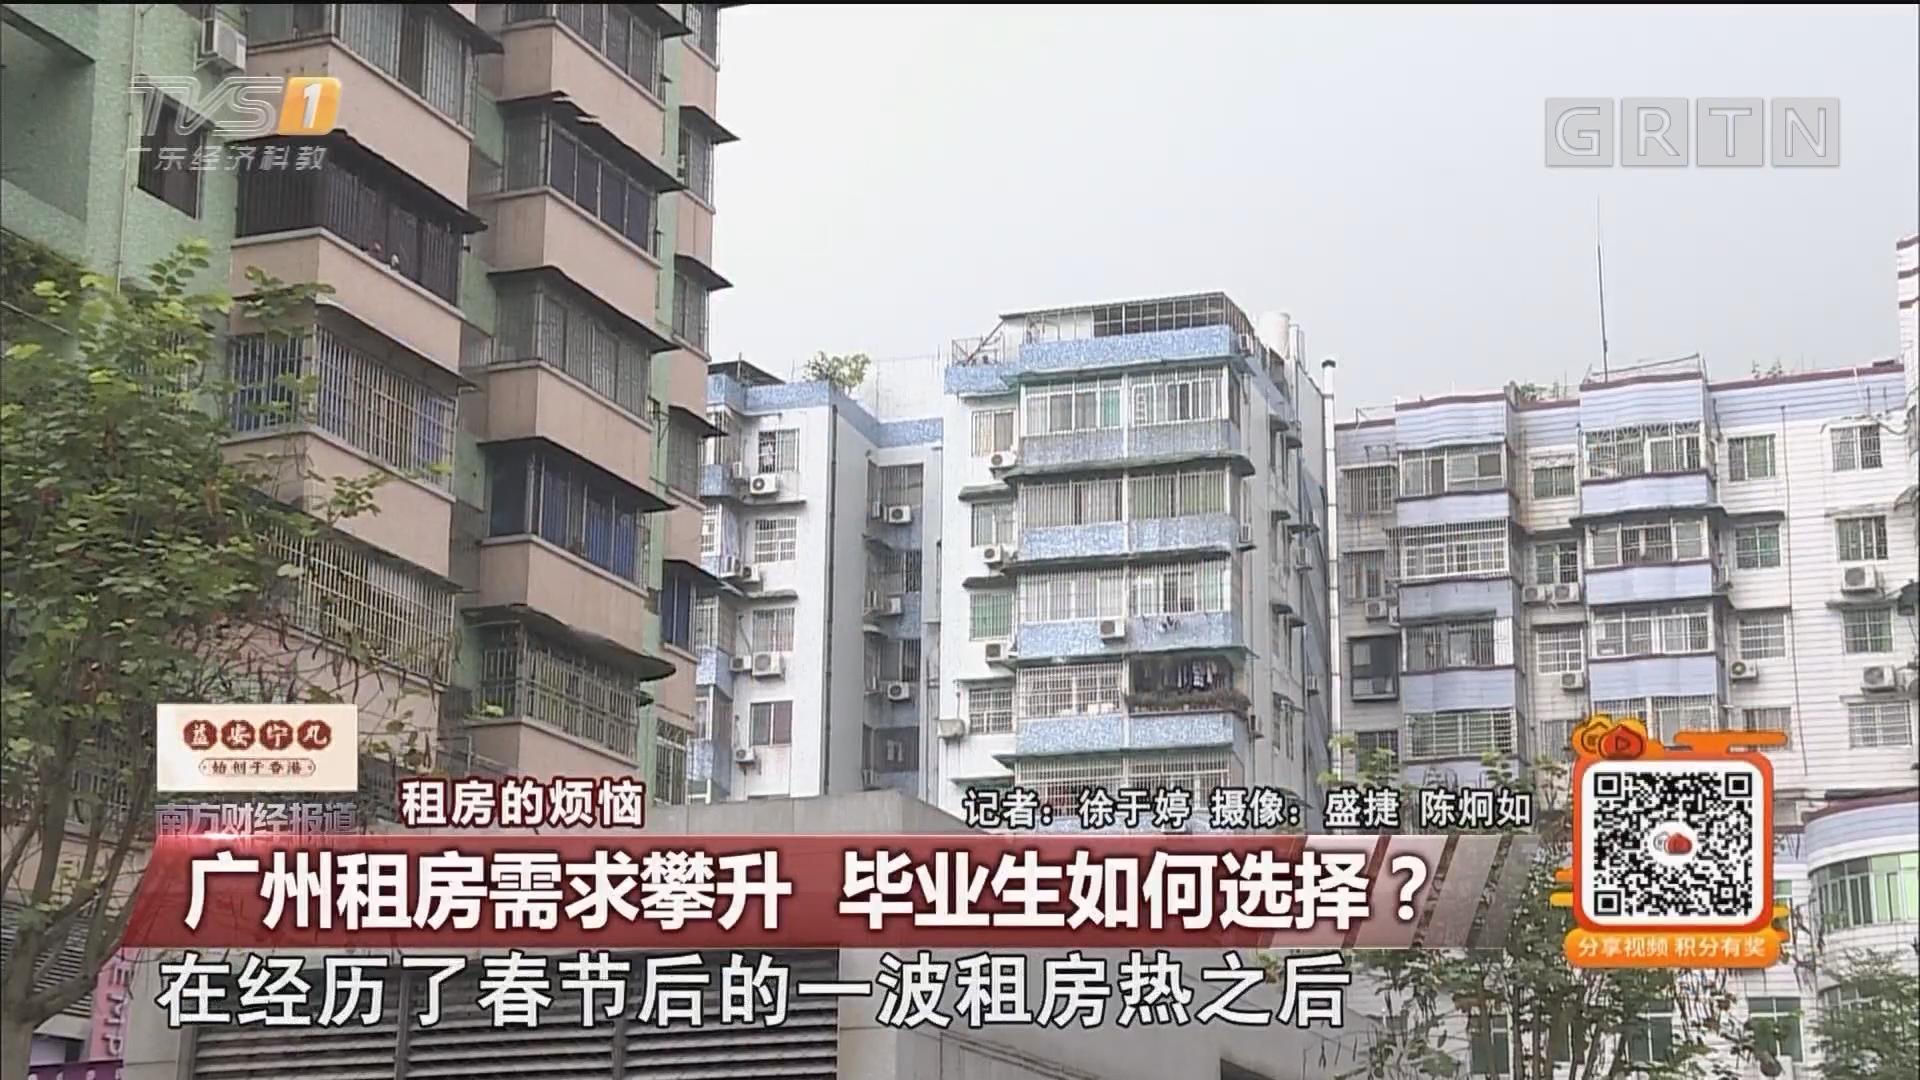 广州租房需求攀升 毕业生如何选择?